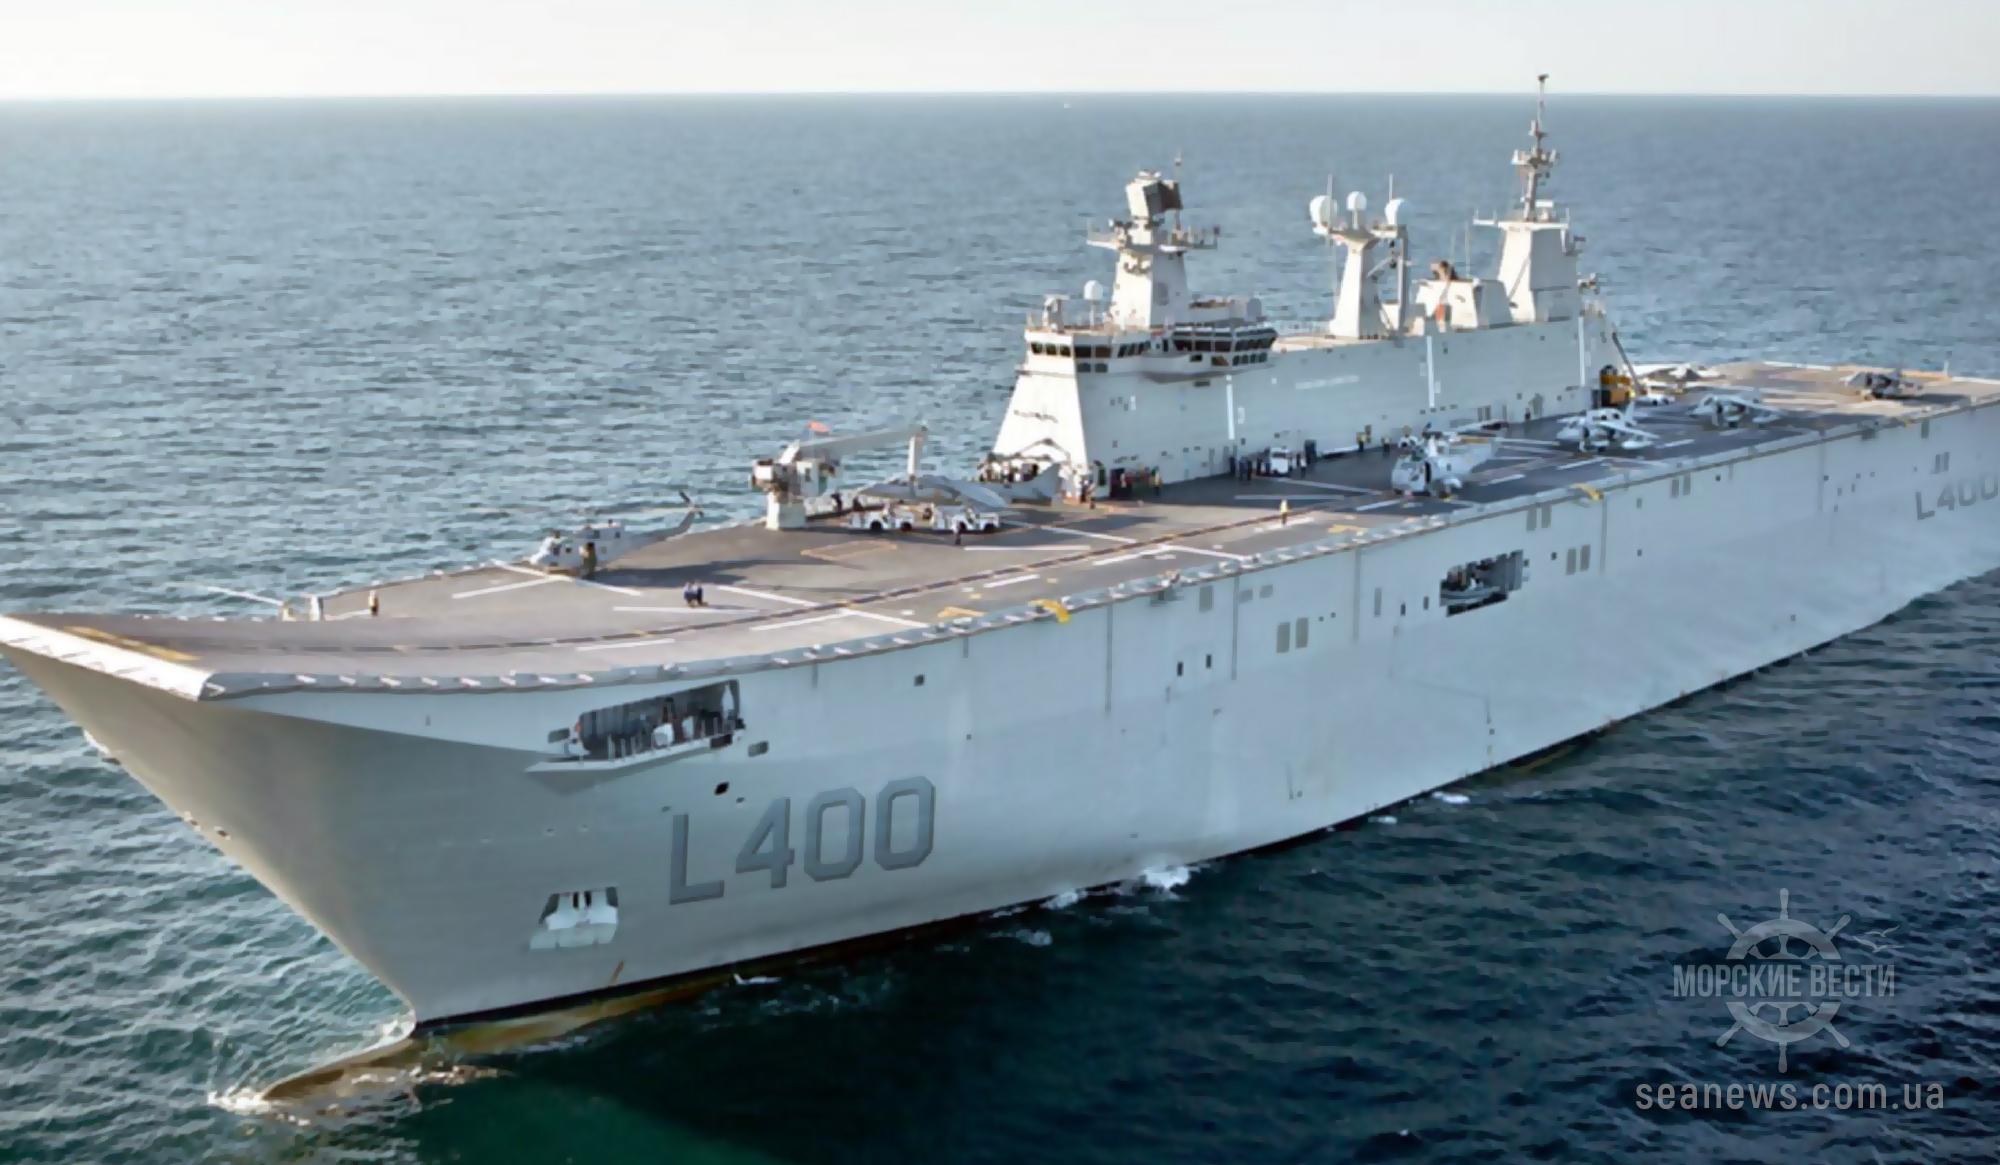 Турецкий флот получит в этом году авианосец собственного производства